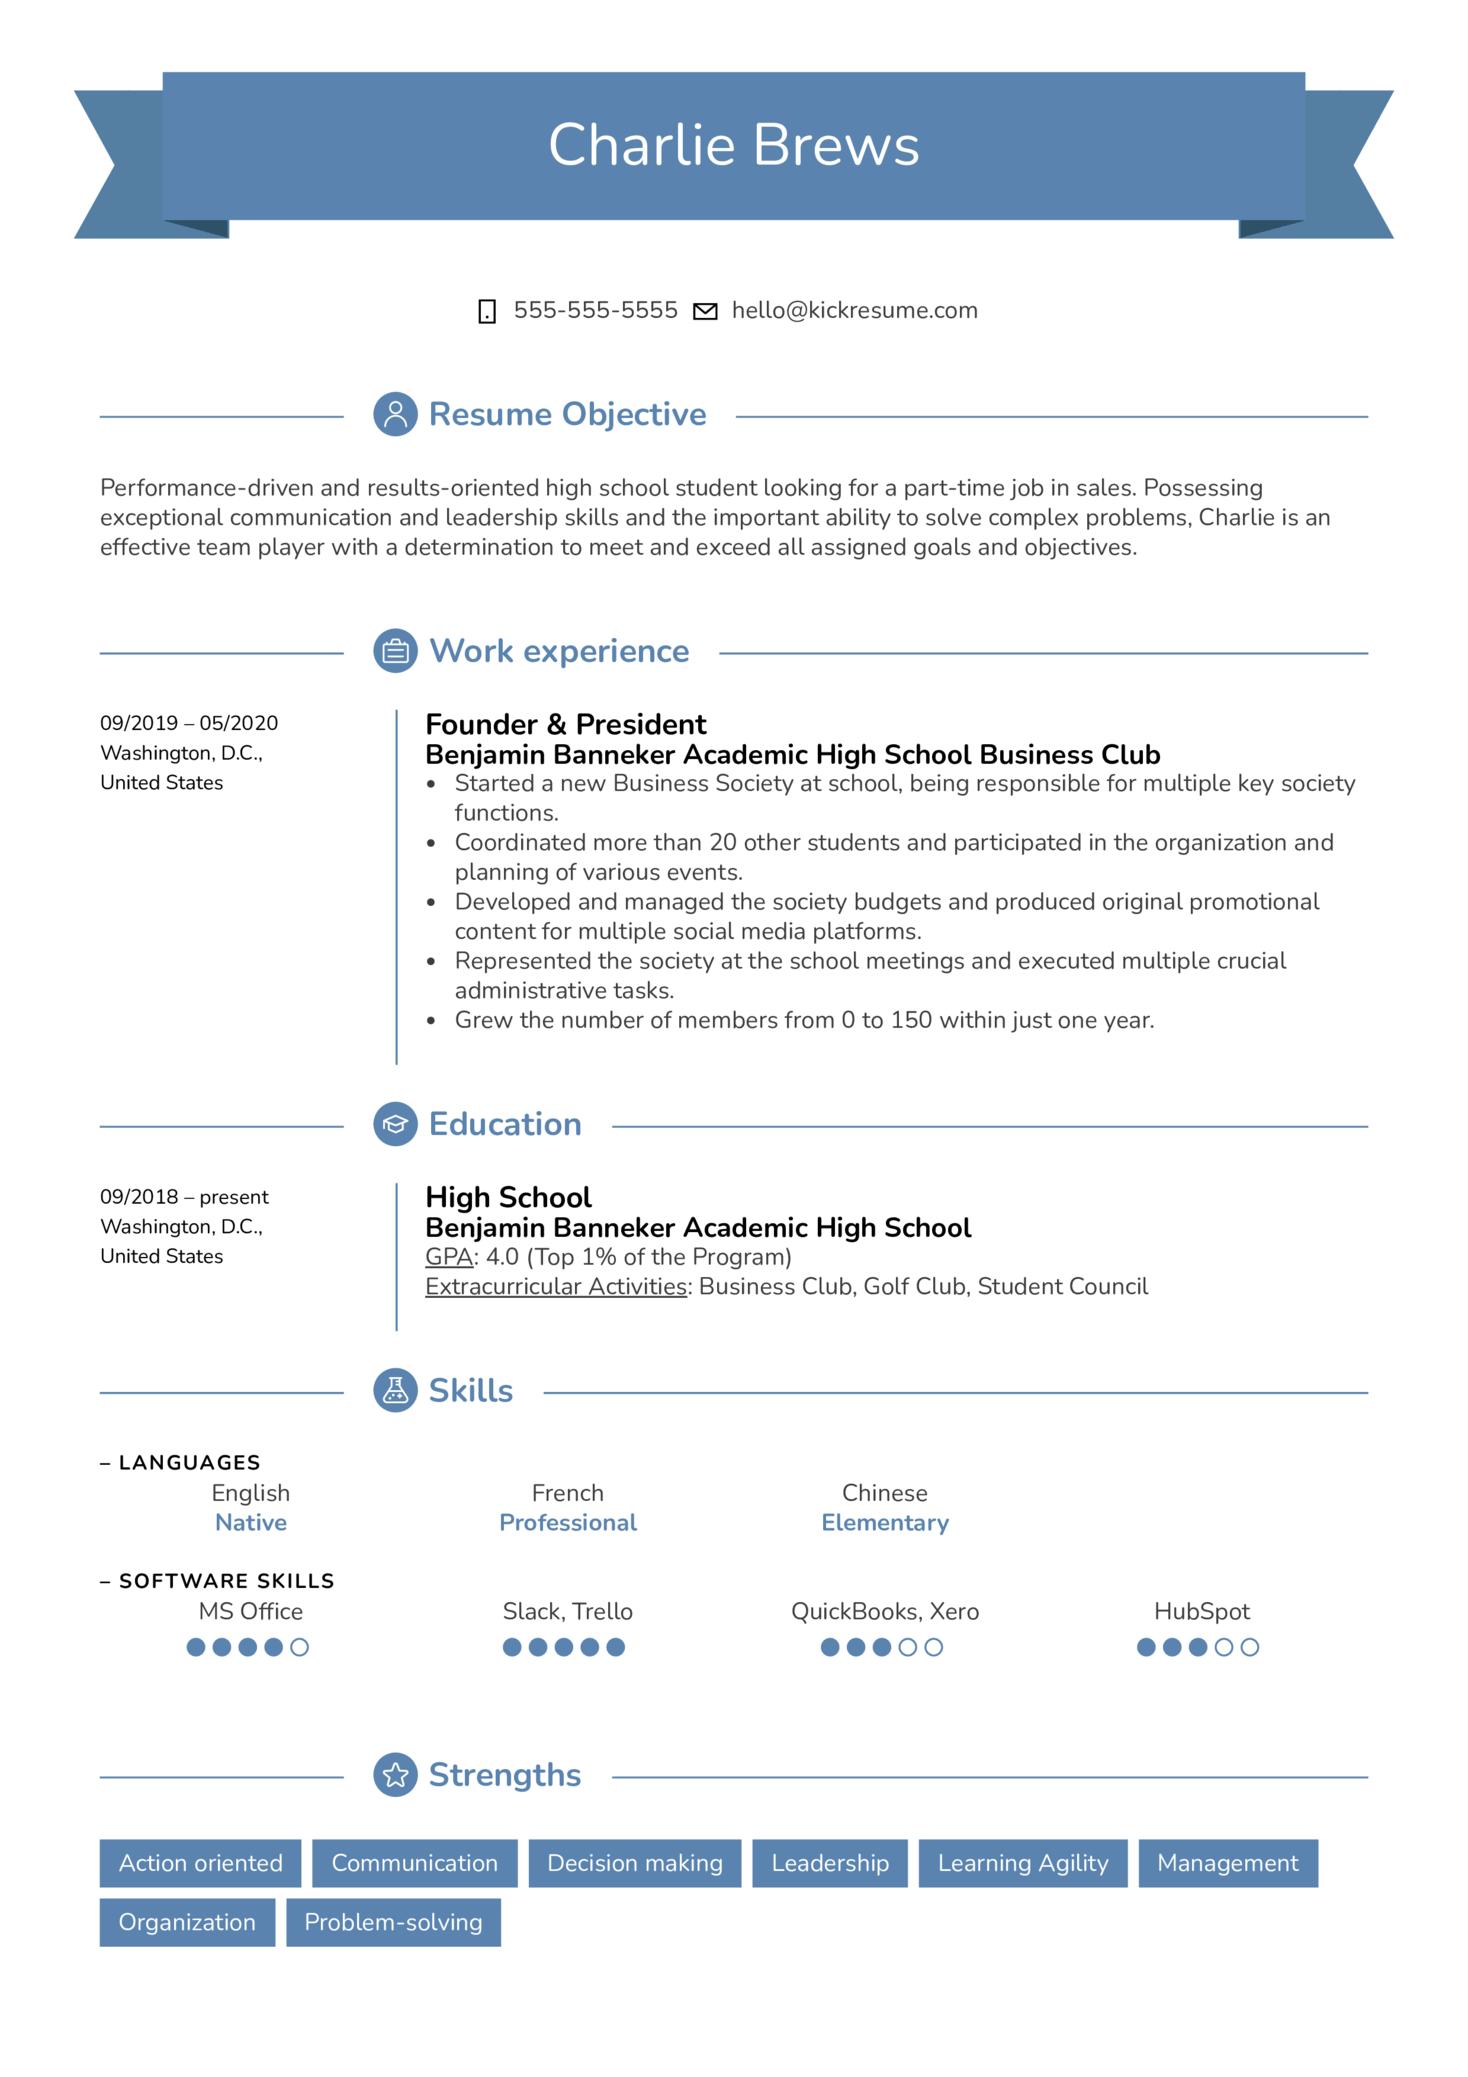 Part Time Job Resume Sample Kickresume